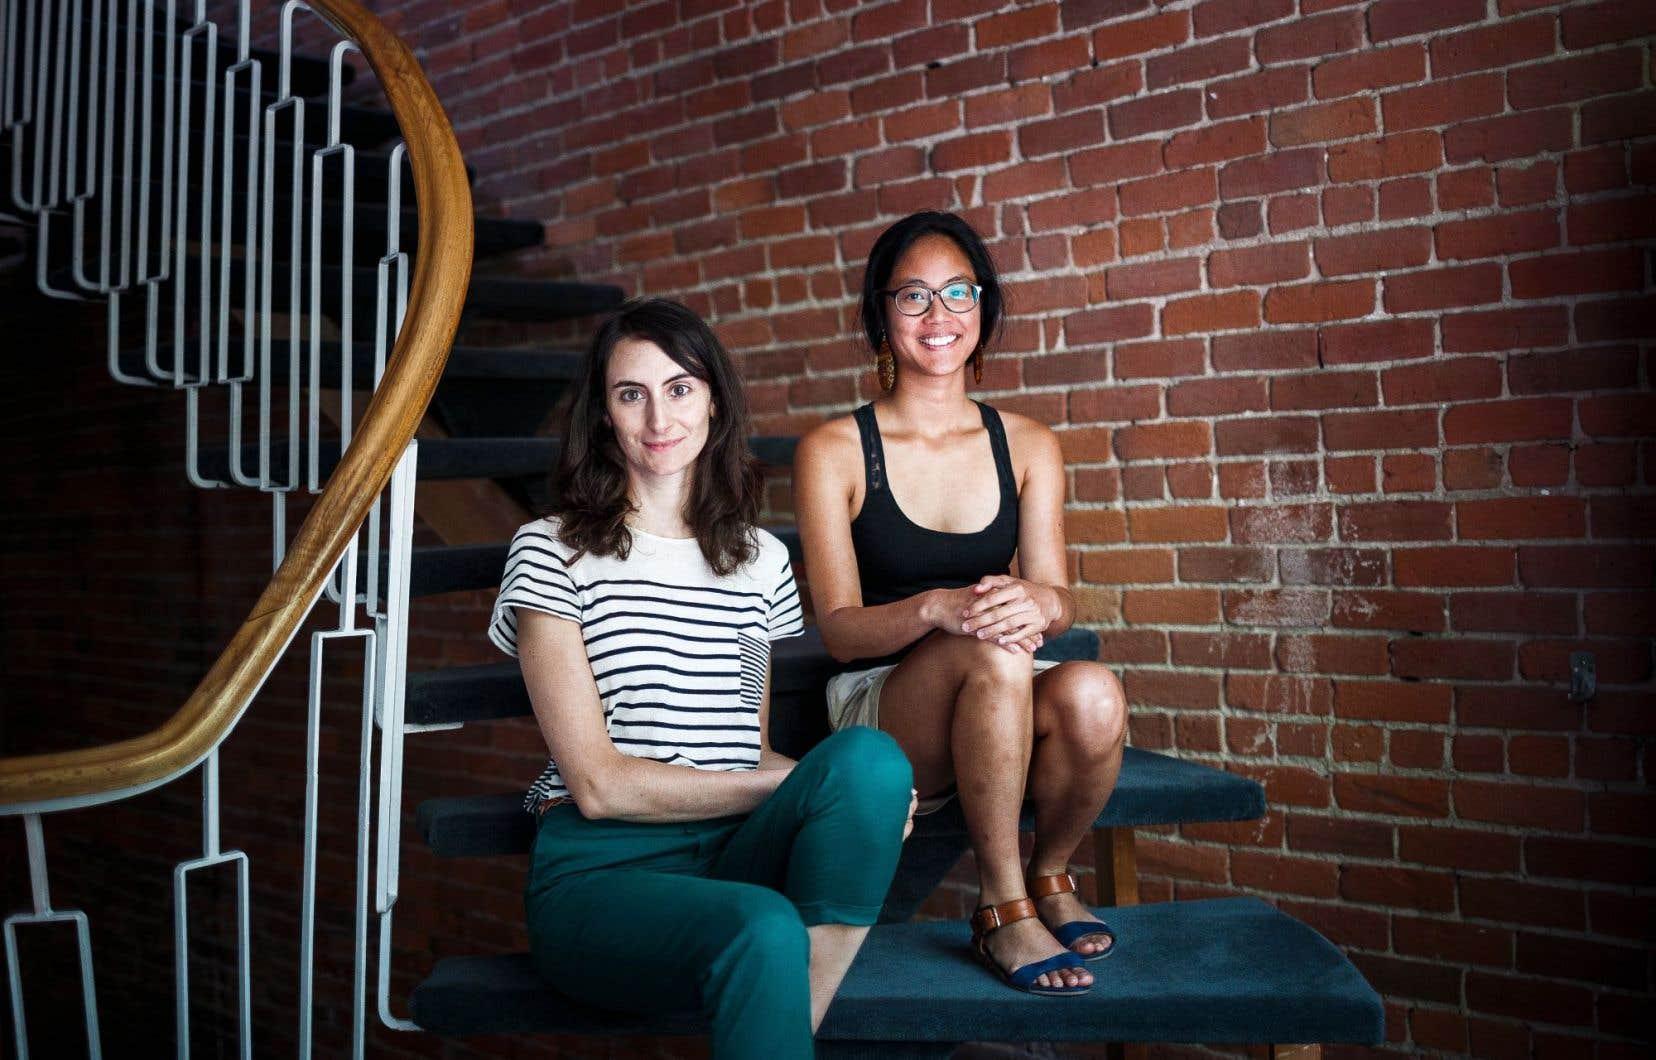 Nathalie Casemajor et Ha-Loan Phan font partie des 10% de contributeurs de Wikipédia qui sont des femmes contribuant régulièrement à l'encyclopédie en ligne.